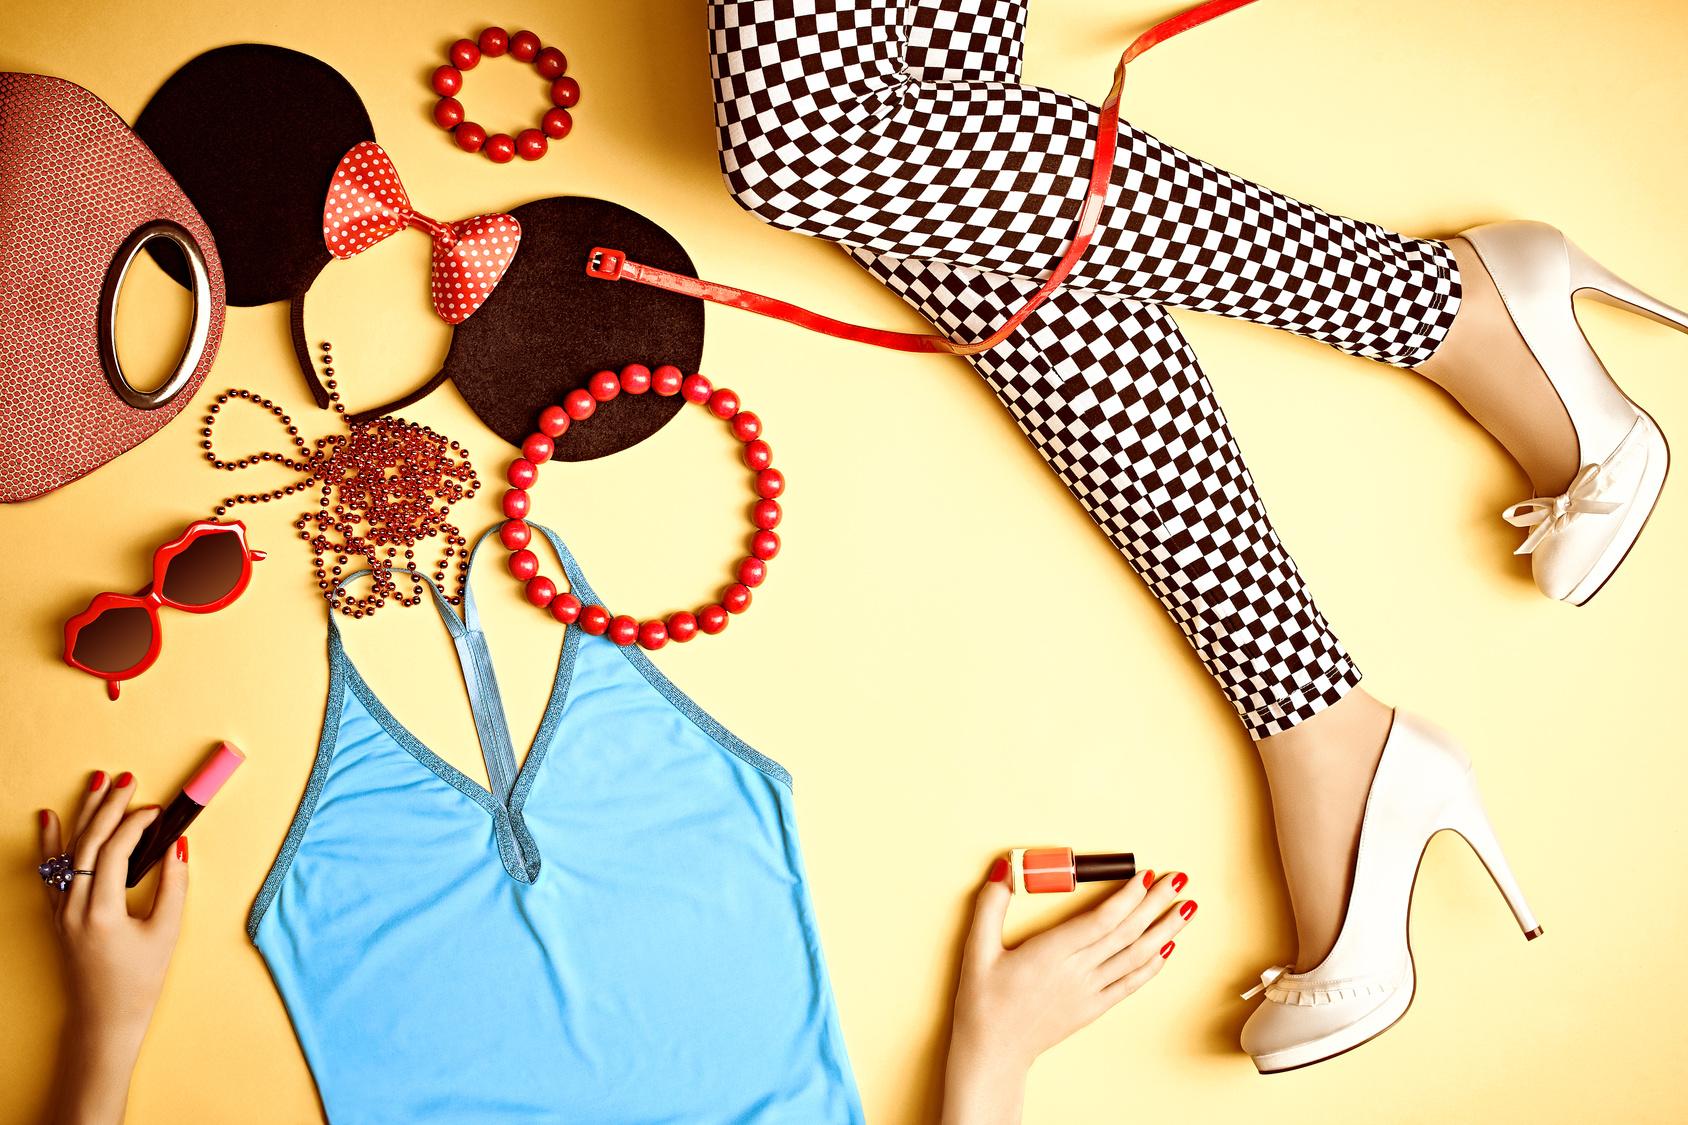 Rüsten Sie Ihren Stil mit diesen modernen Designer- Kleider und Accessoires